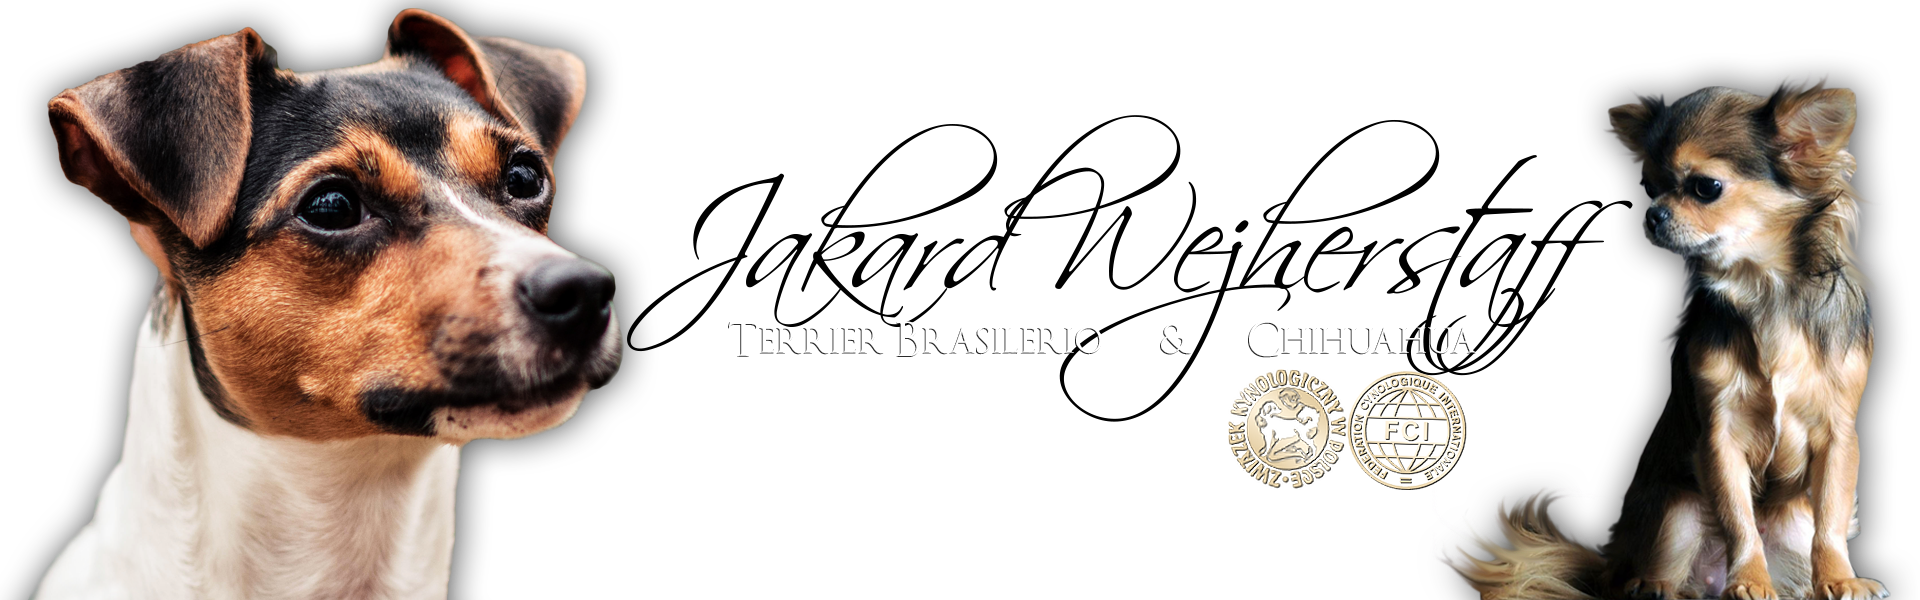 Terier brazylijski & chihuahua – Jakard Wejherstaff FCI